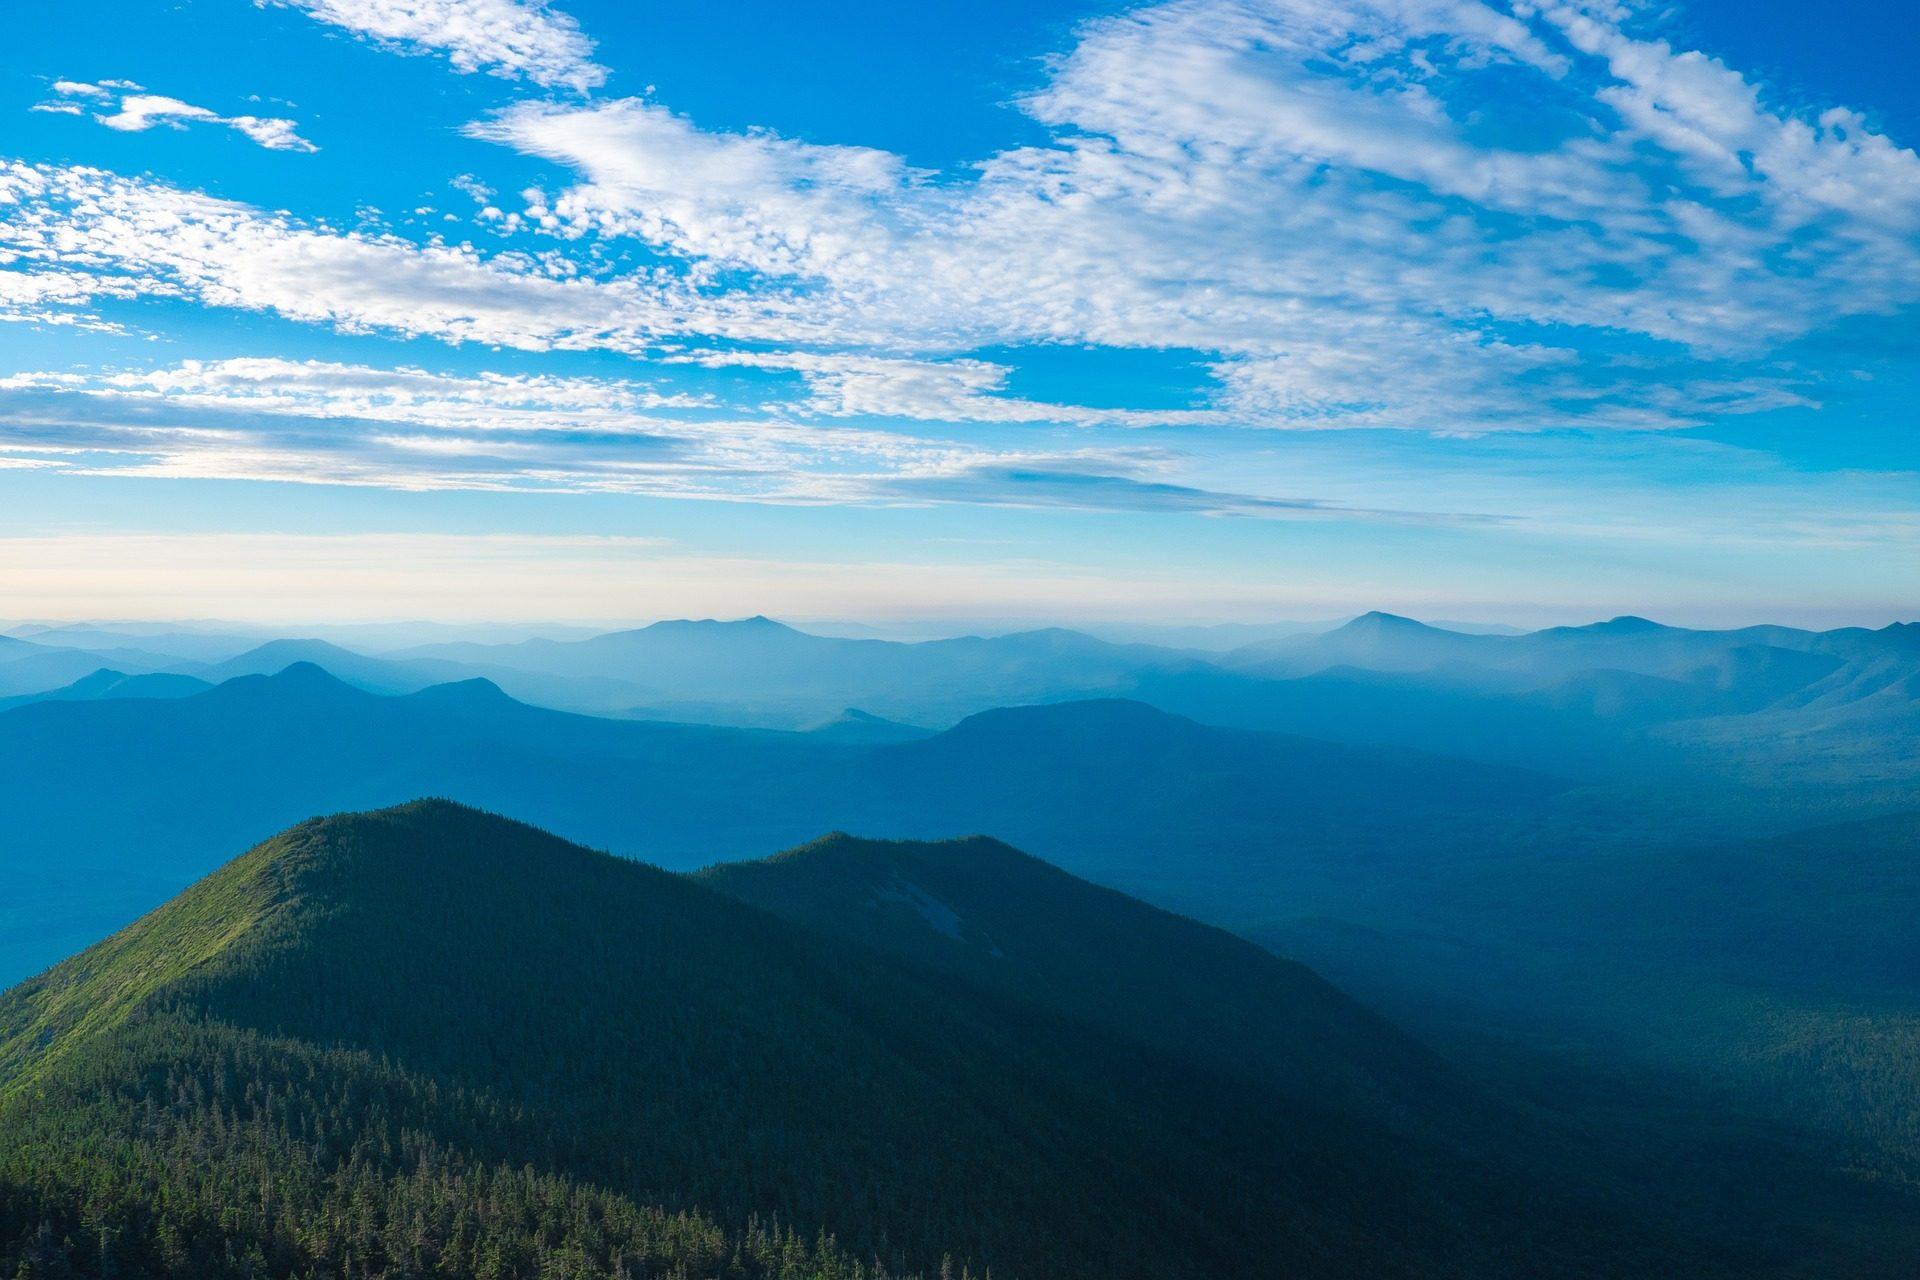 山脉, 峰, 比萨饼, 高度, 地平线, 雾, 云彩, 天空 - 高清壁纸 - 教授-falken.com